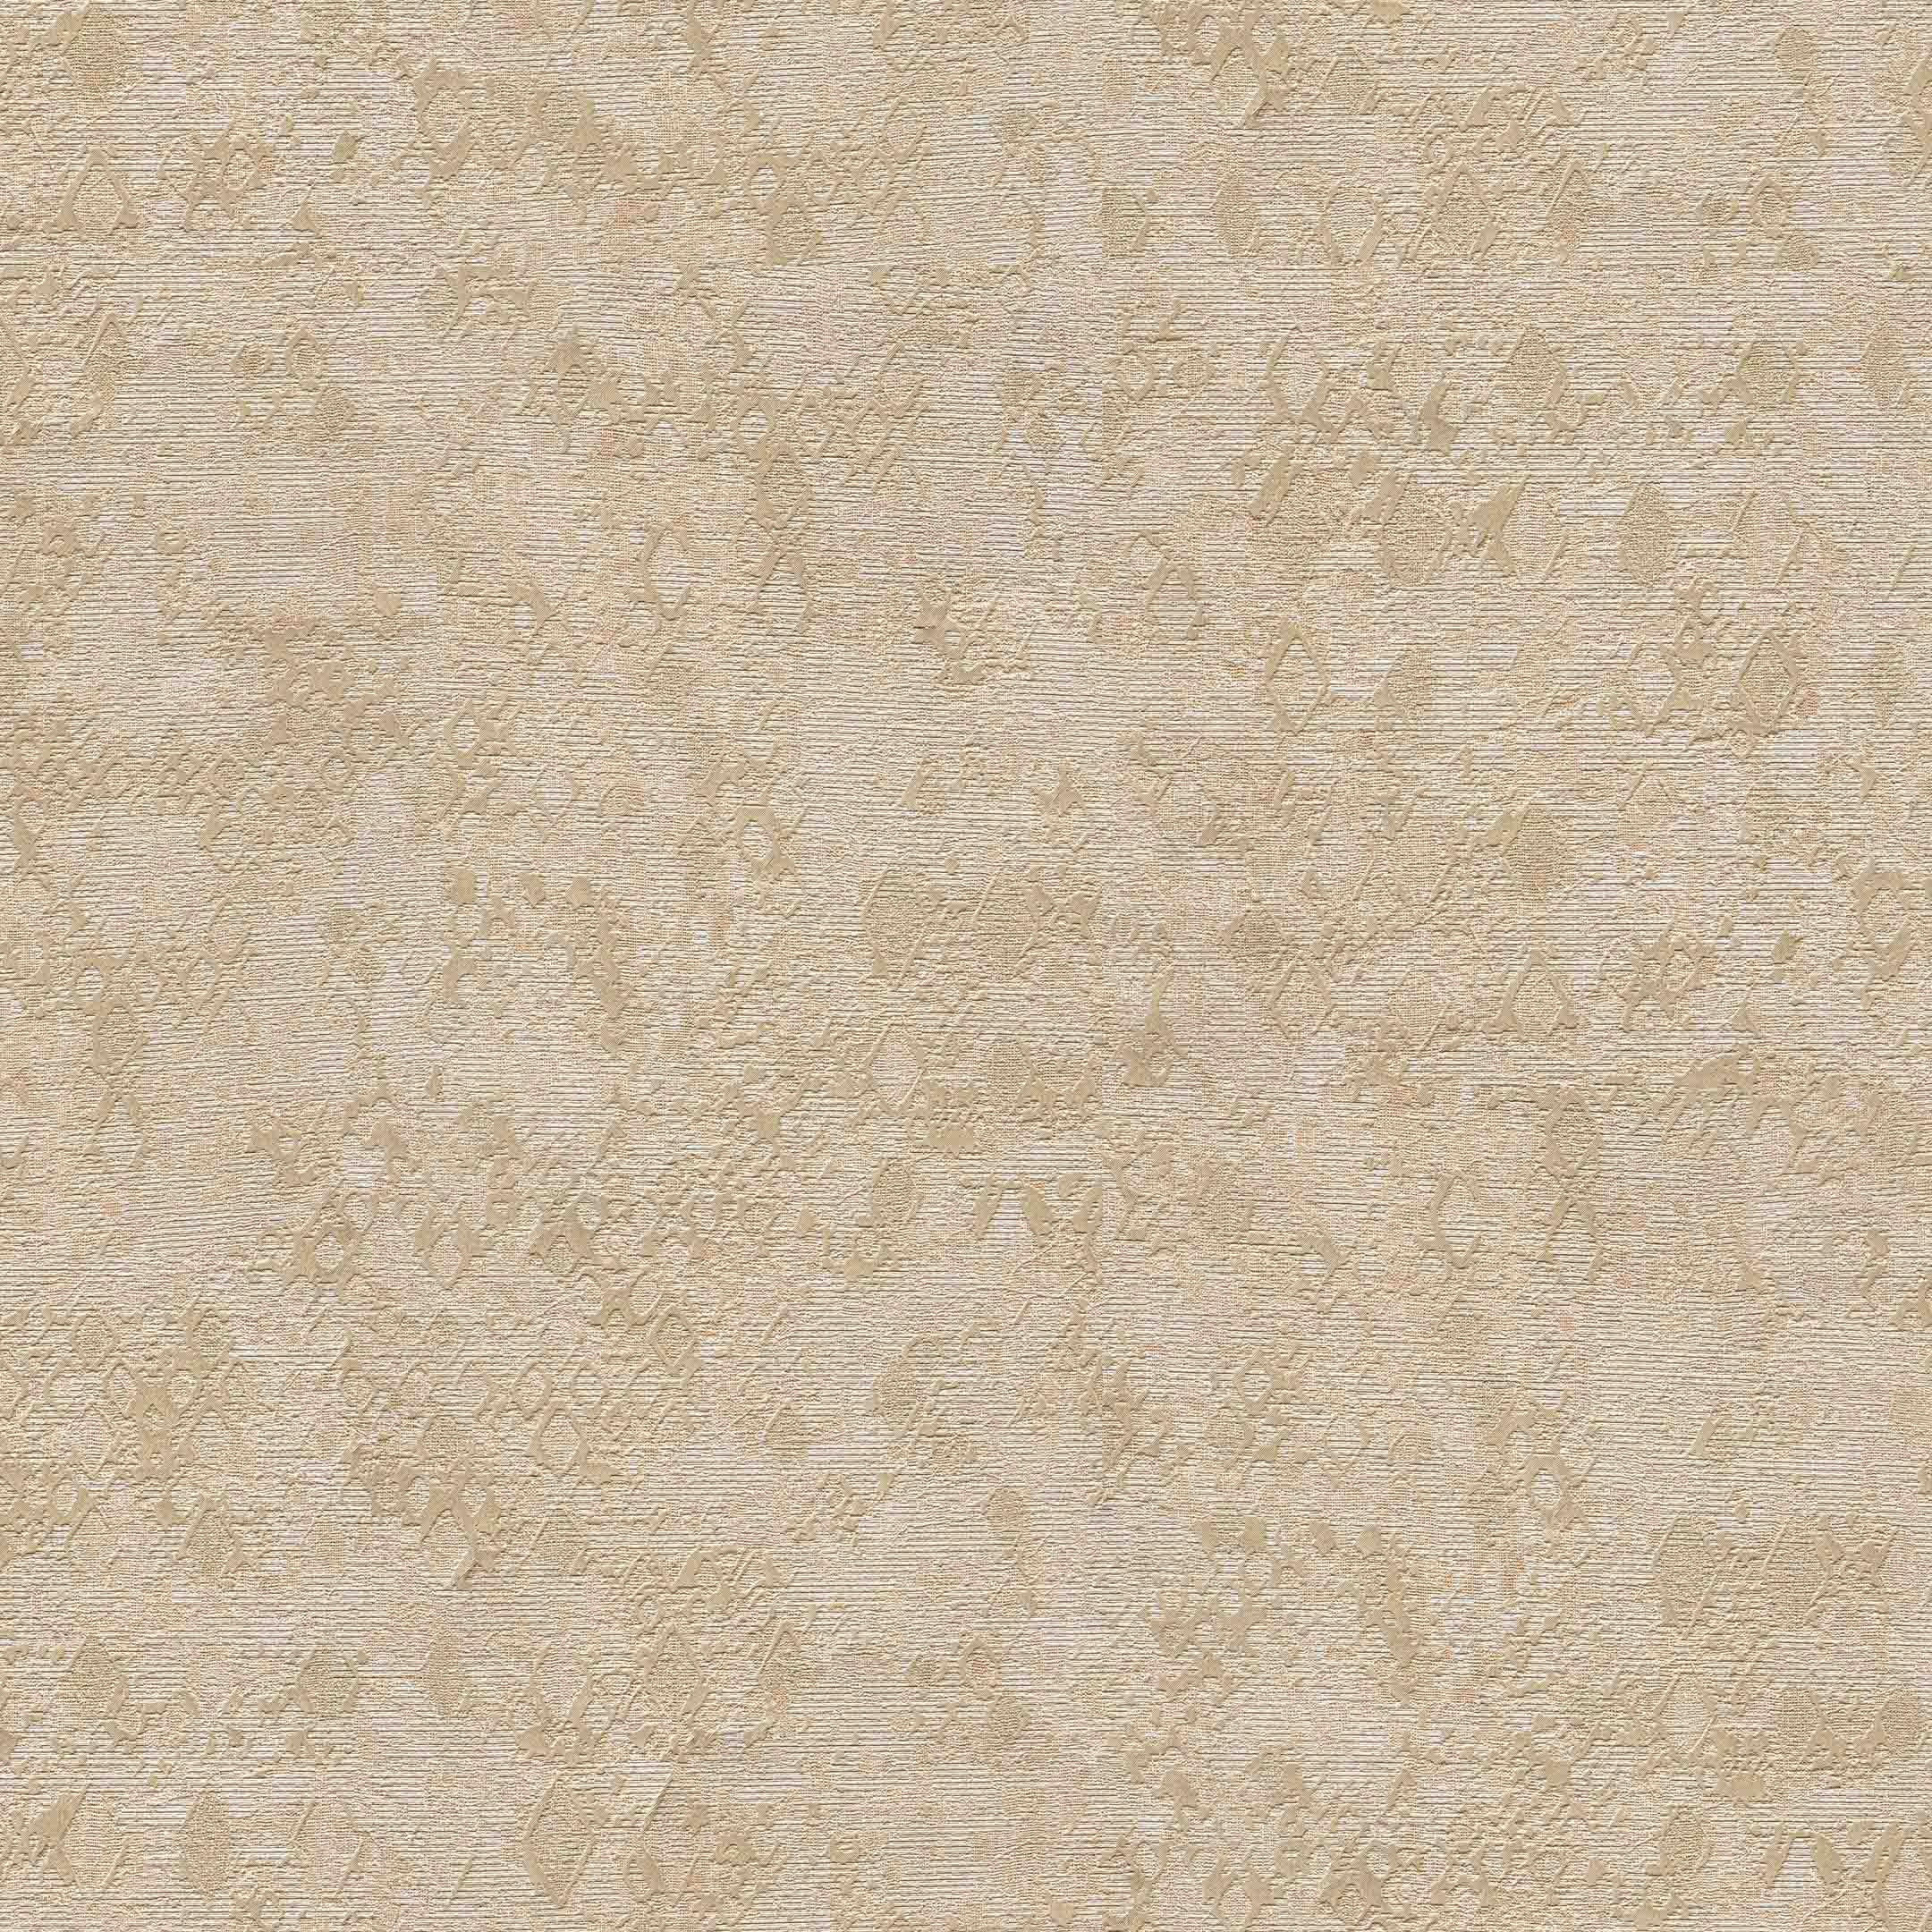 Обои виниловые на флизелиновой основе Zambaiti Murella Moda M53013 (1,06х10,05 м) стоимость